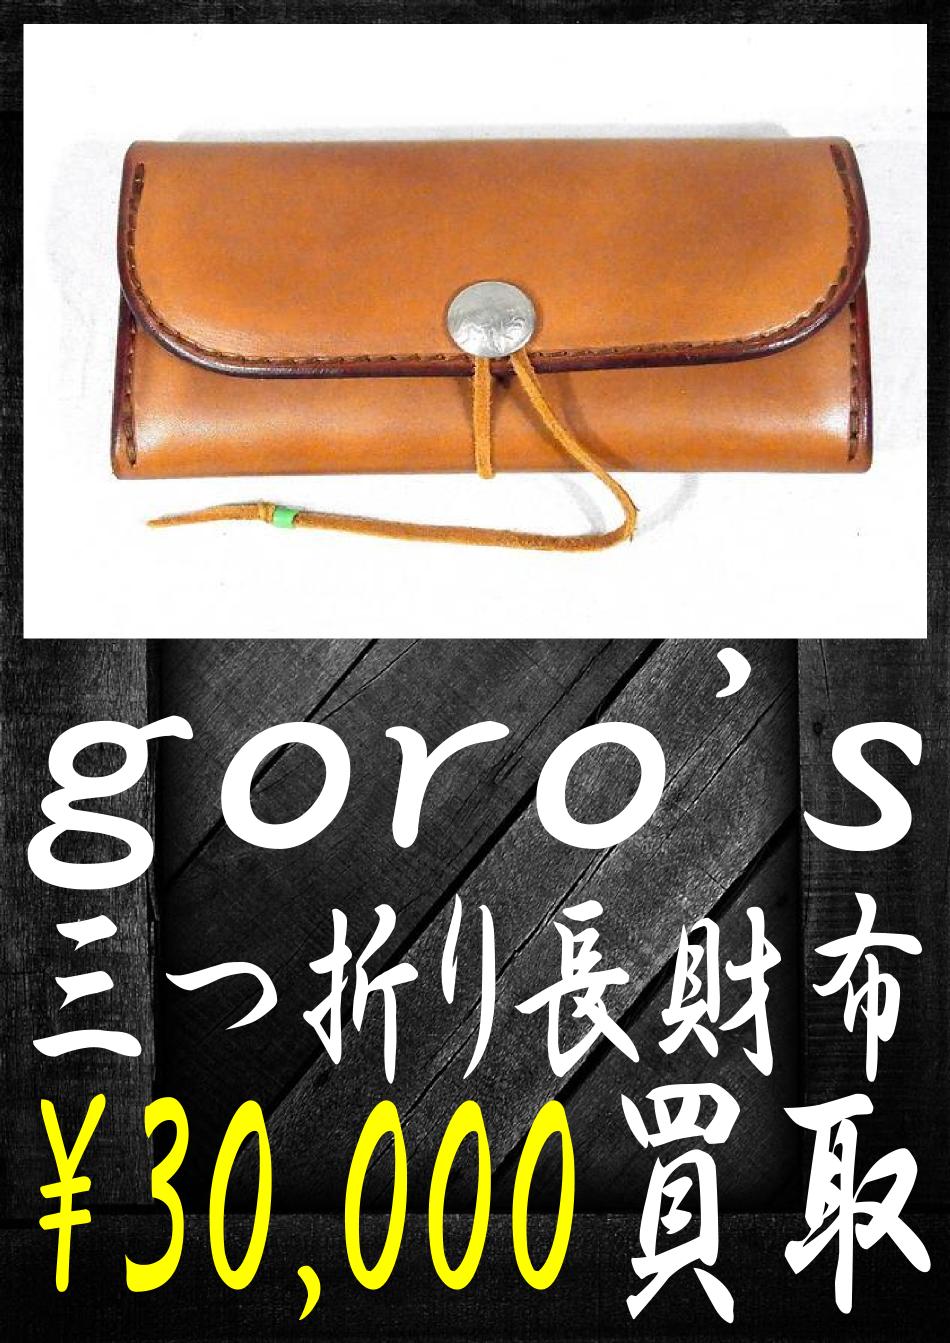 ゴローズの三つ折り長財布-30000円買取です。